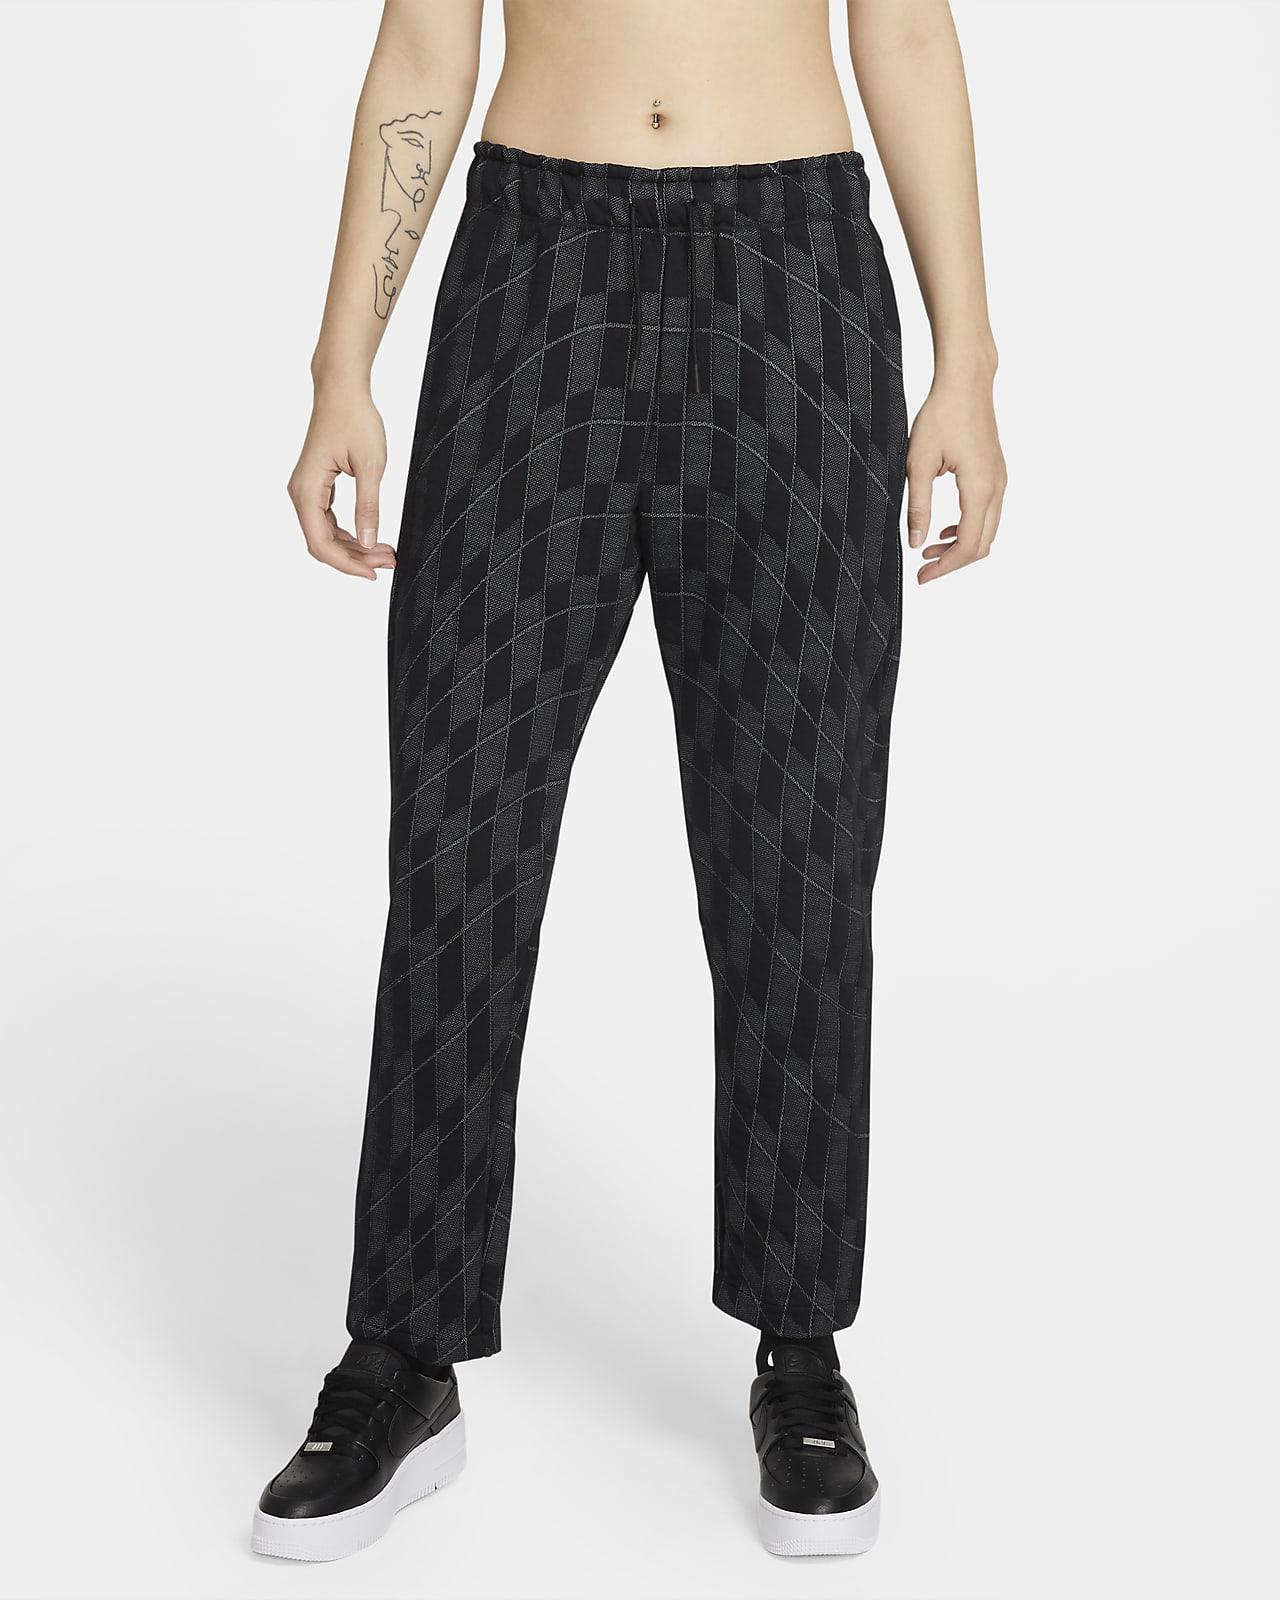 Pantalon Nike Sportswear Tech Pack pour Femme